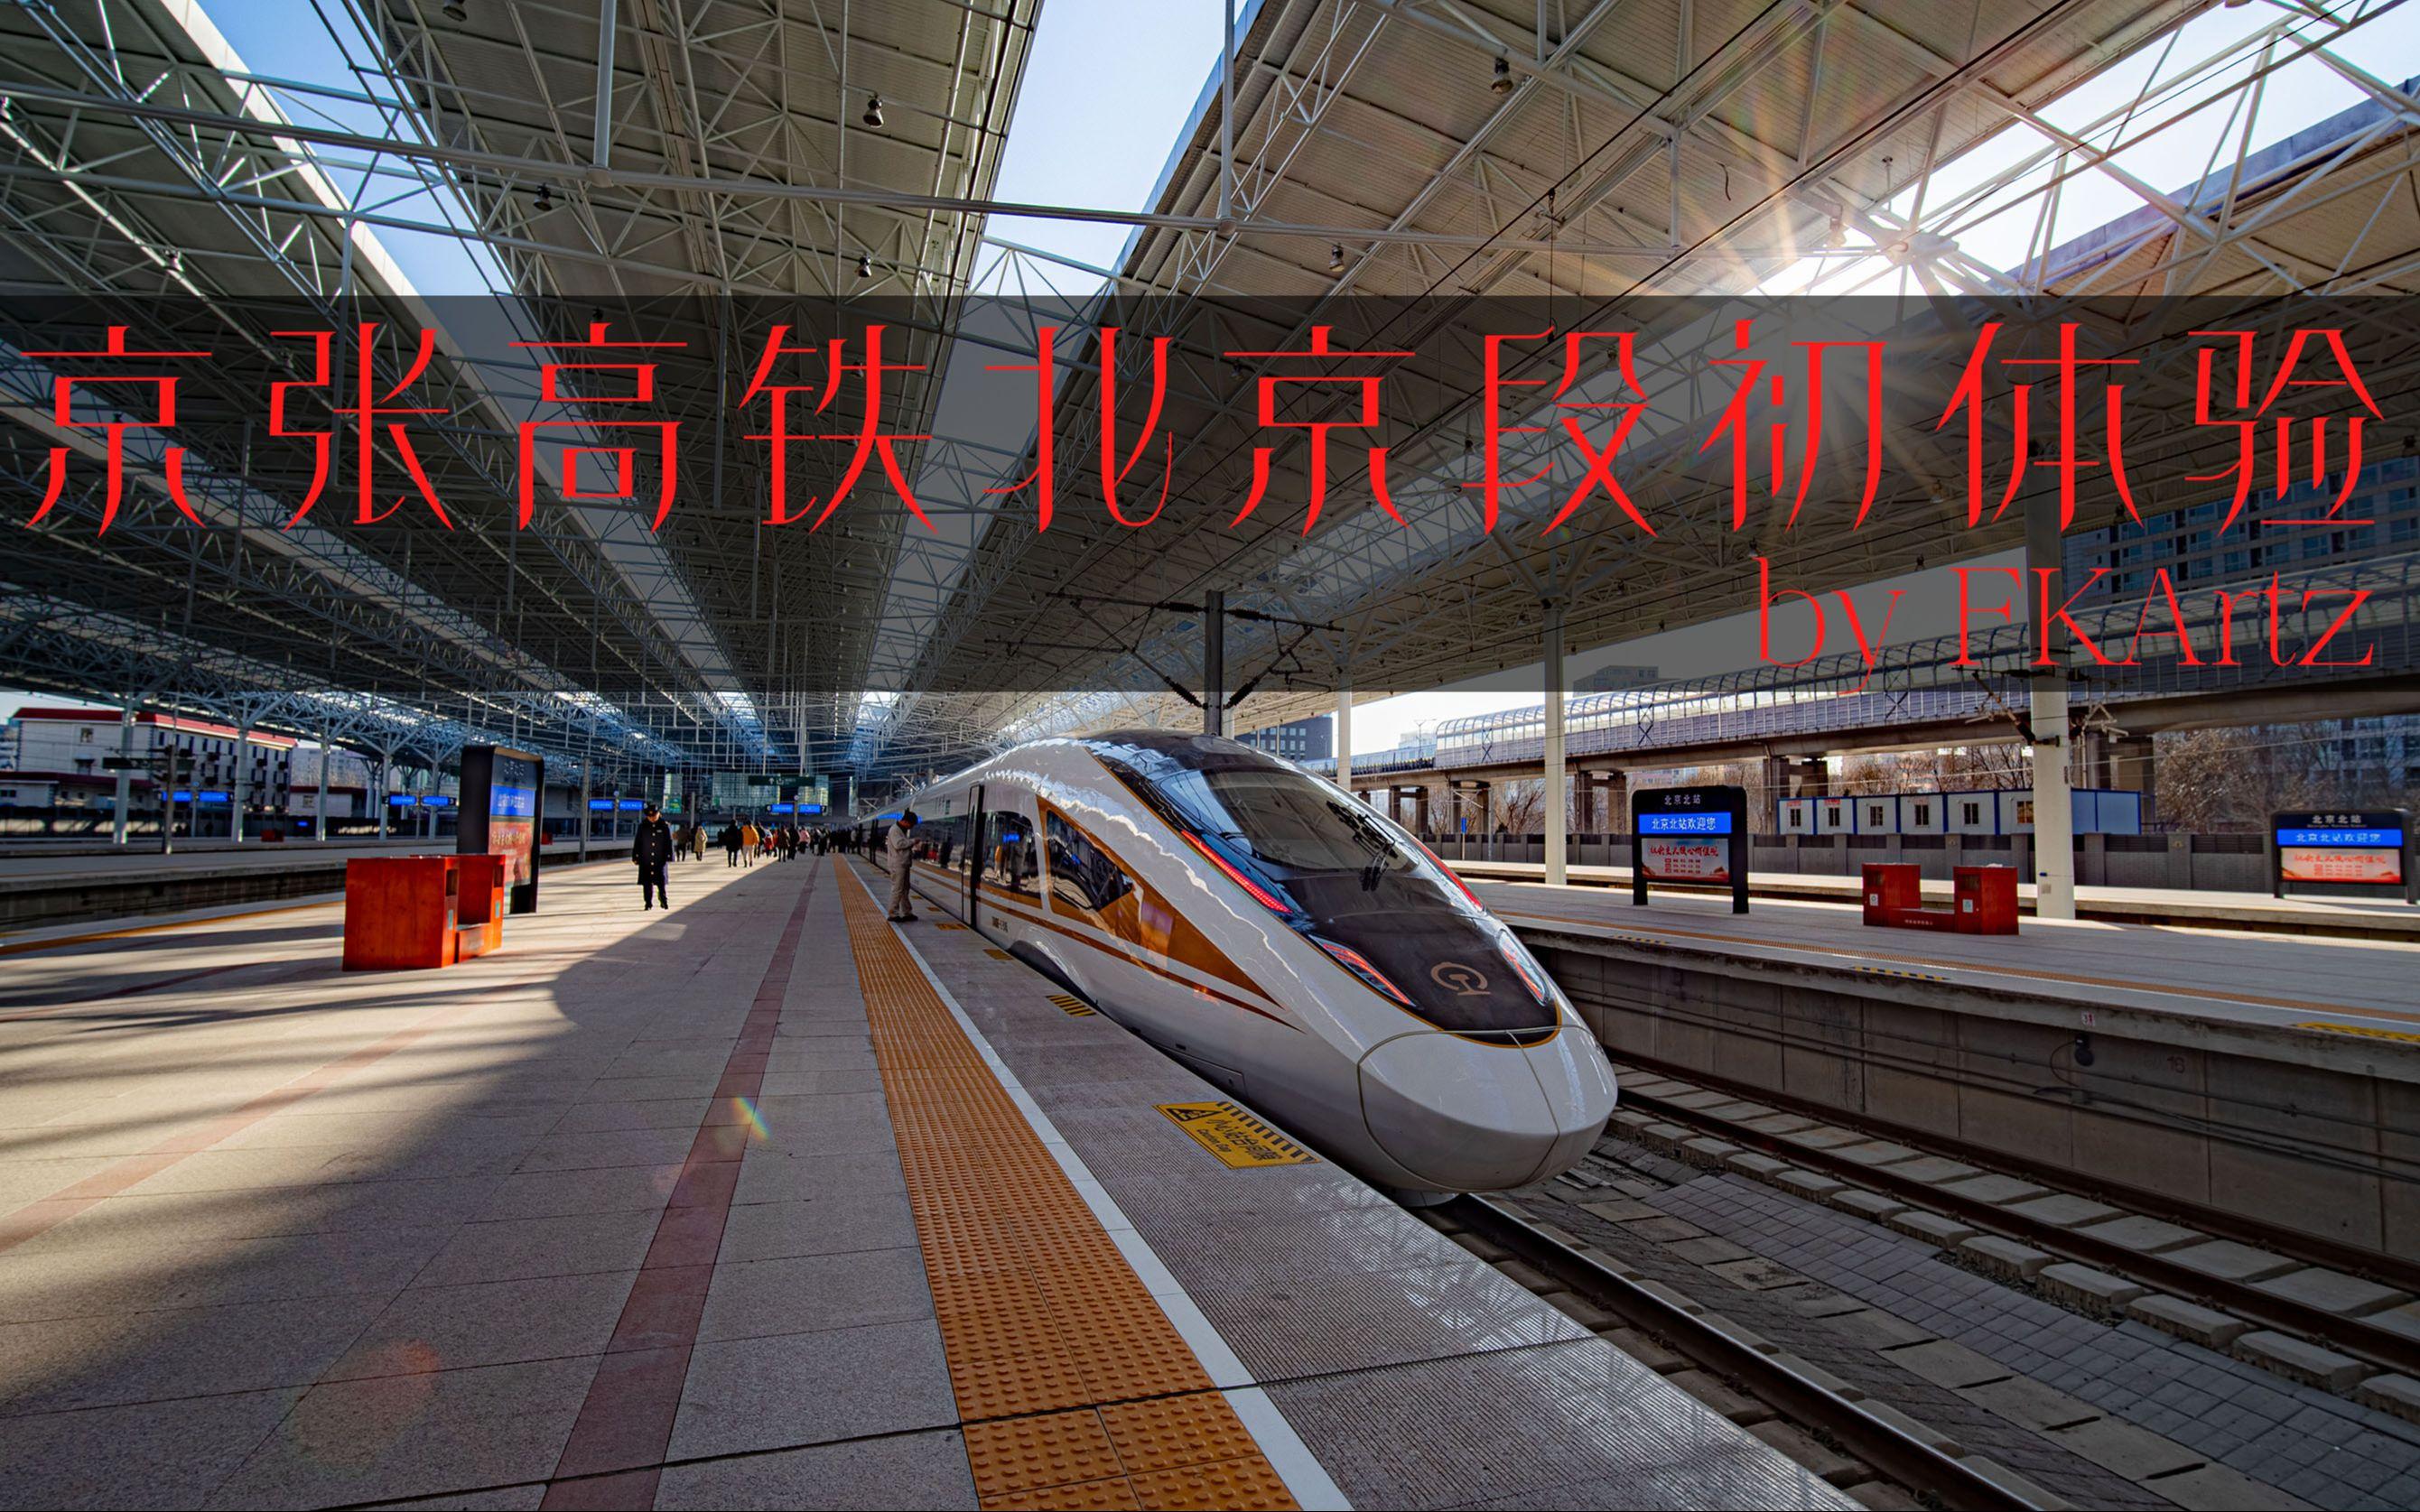 京張高鐵北京段初體驗_嗶哩嗶哩 (゜-゜)つロ 干杯~-bilibili